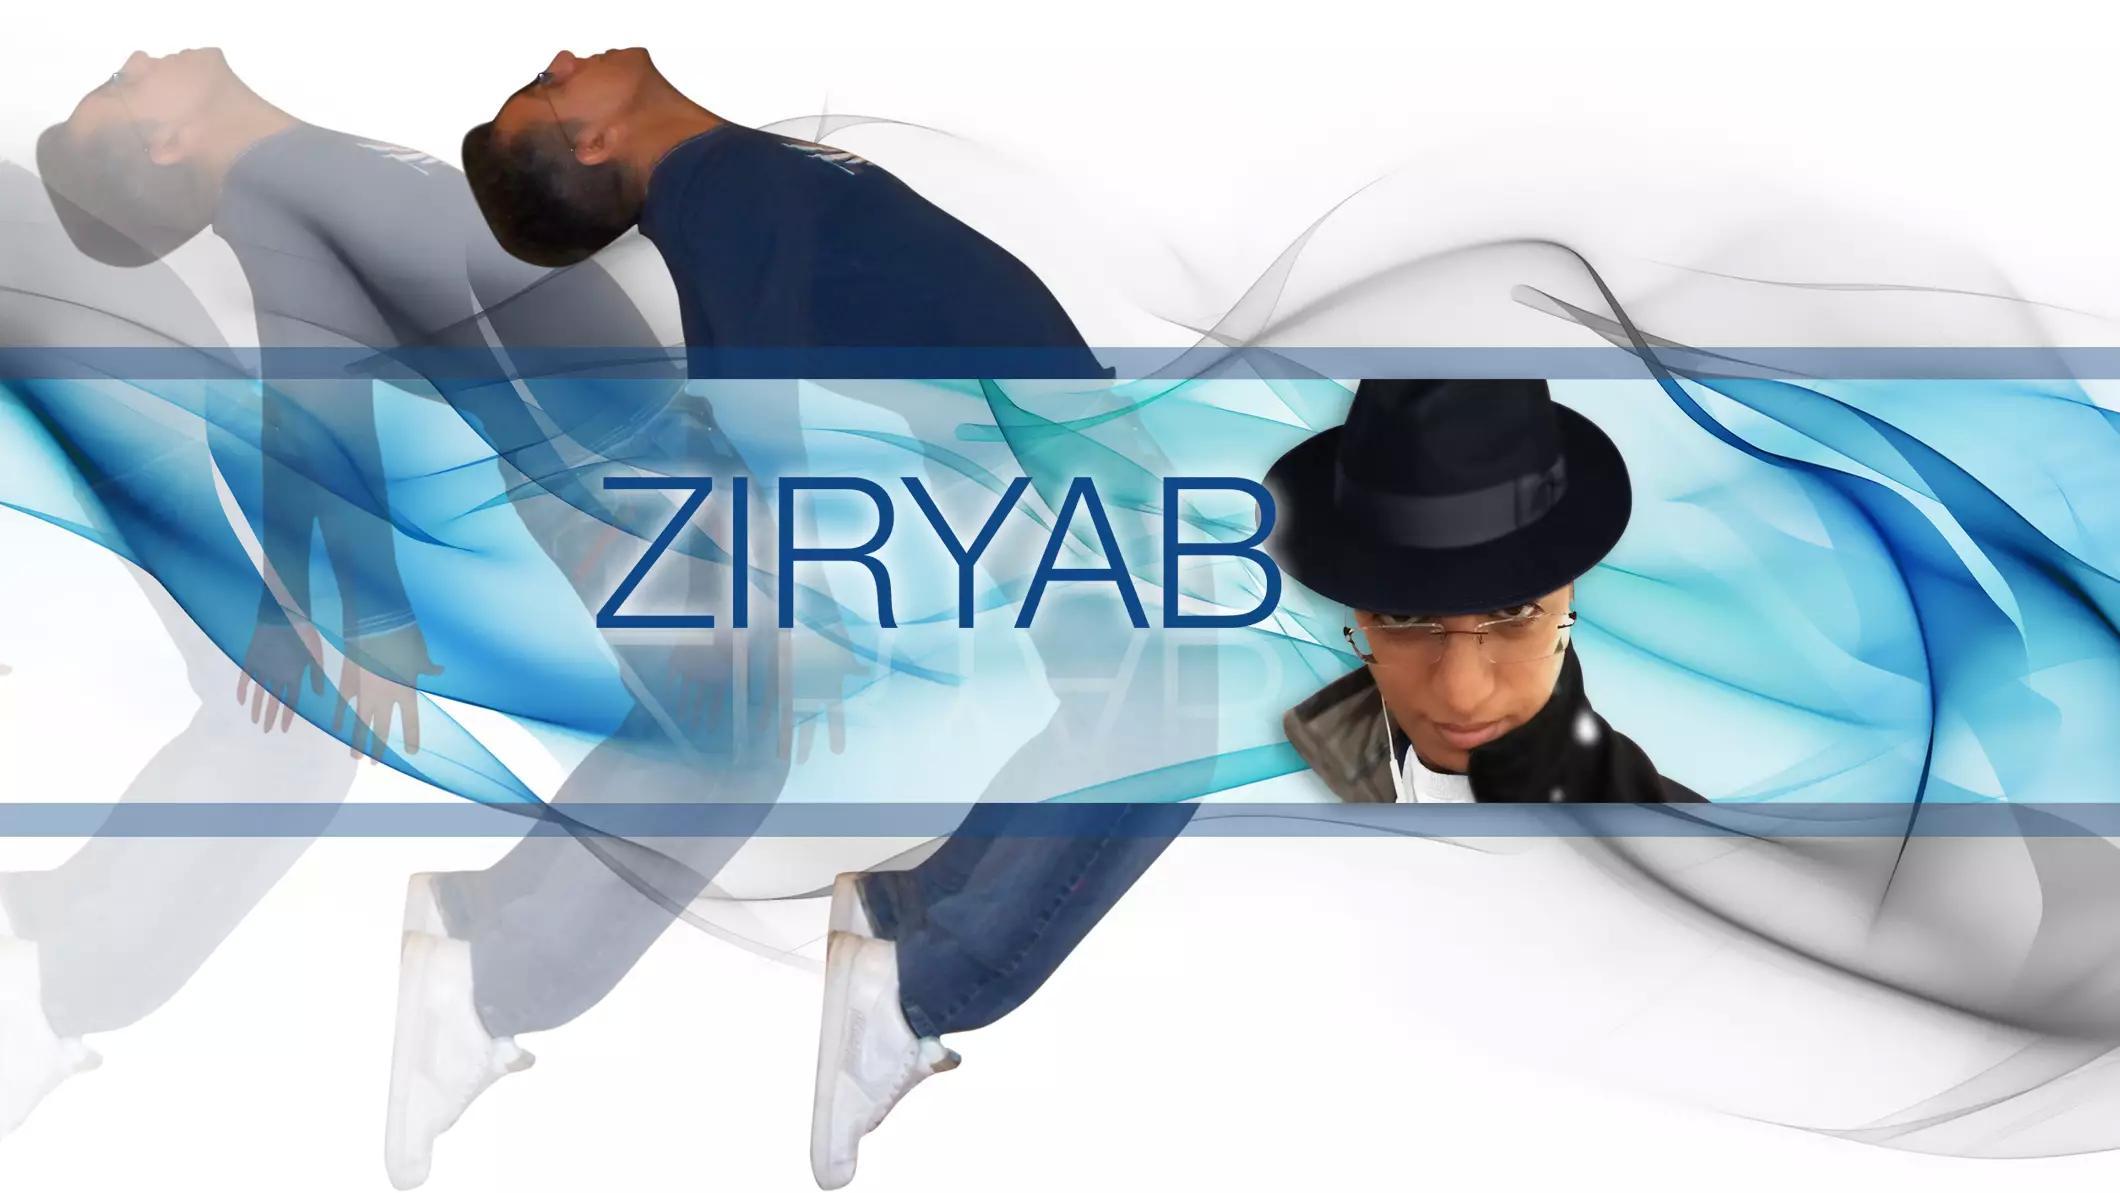 Ziryab_youtube